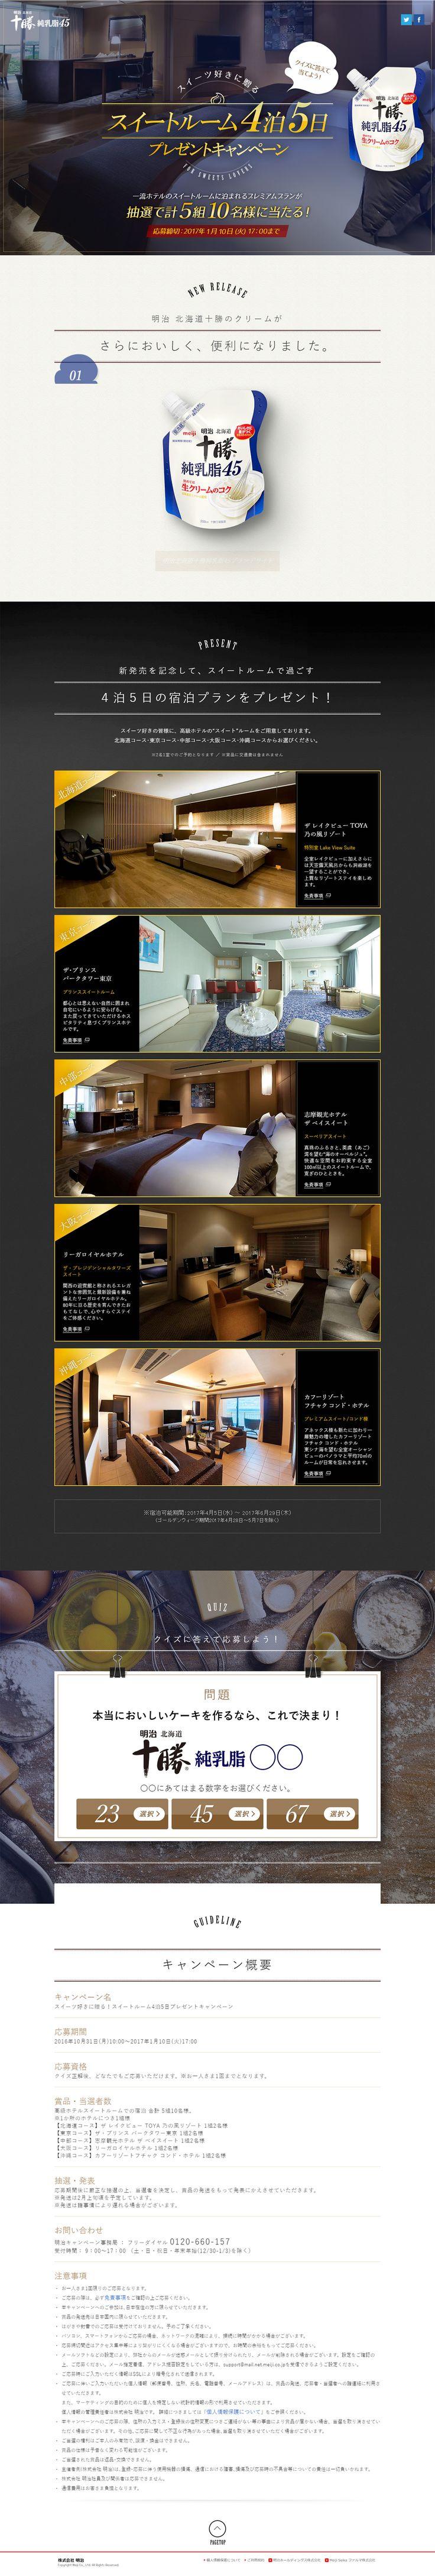 http://rdlp.jp/archives/otherdesign/lp/22762